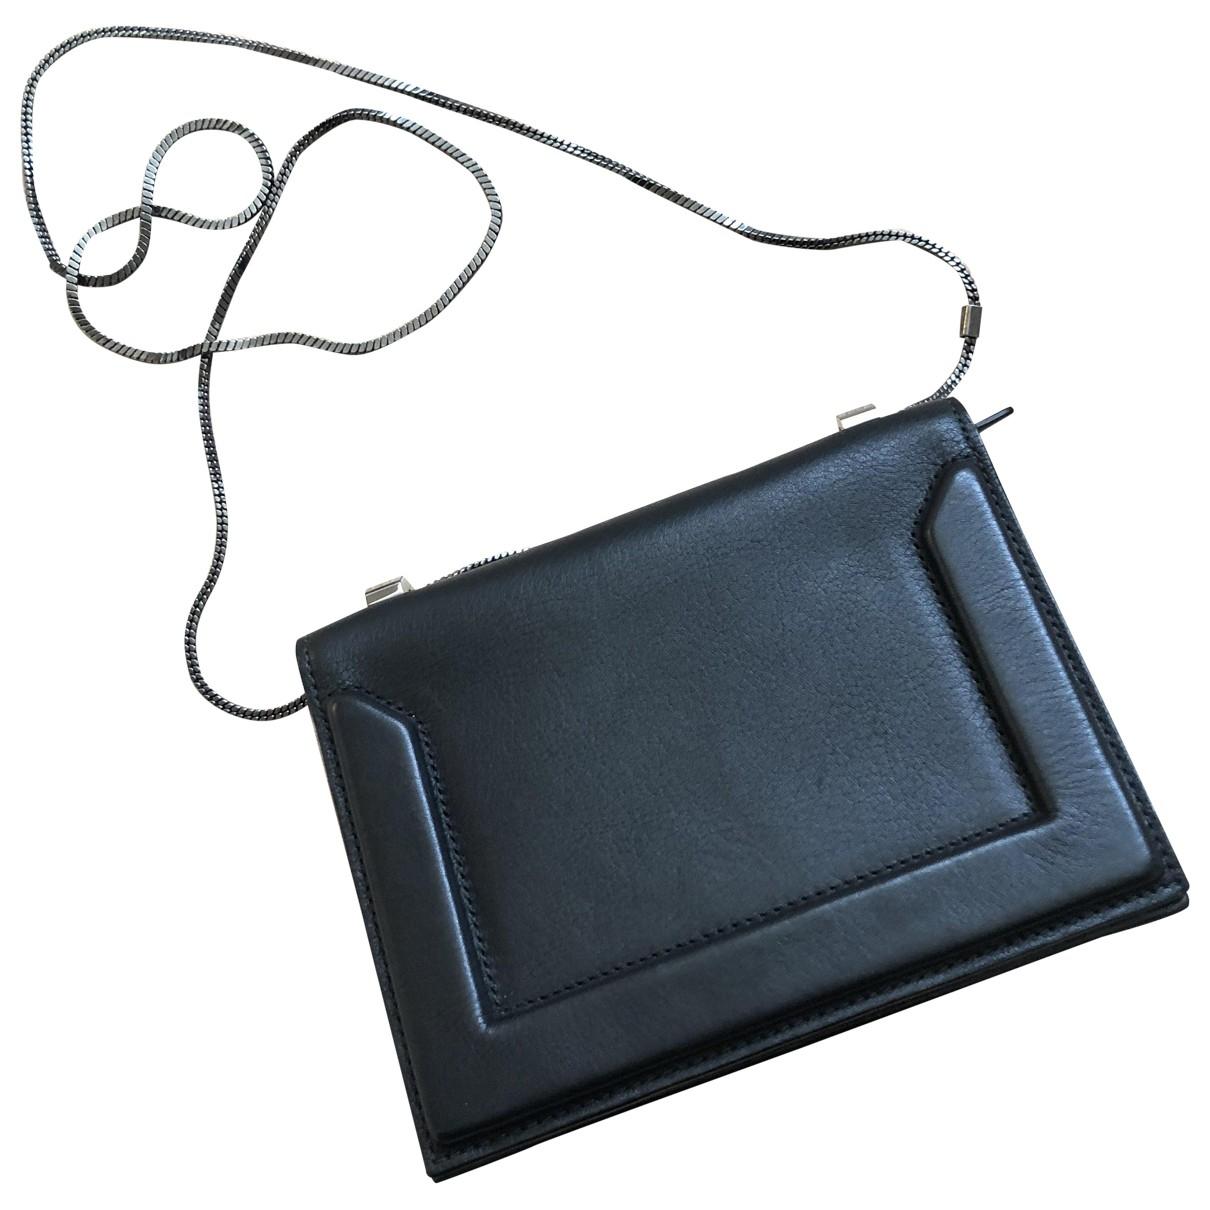 3.1 Phillip Lim \N Black Leather handbag for Women \N